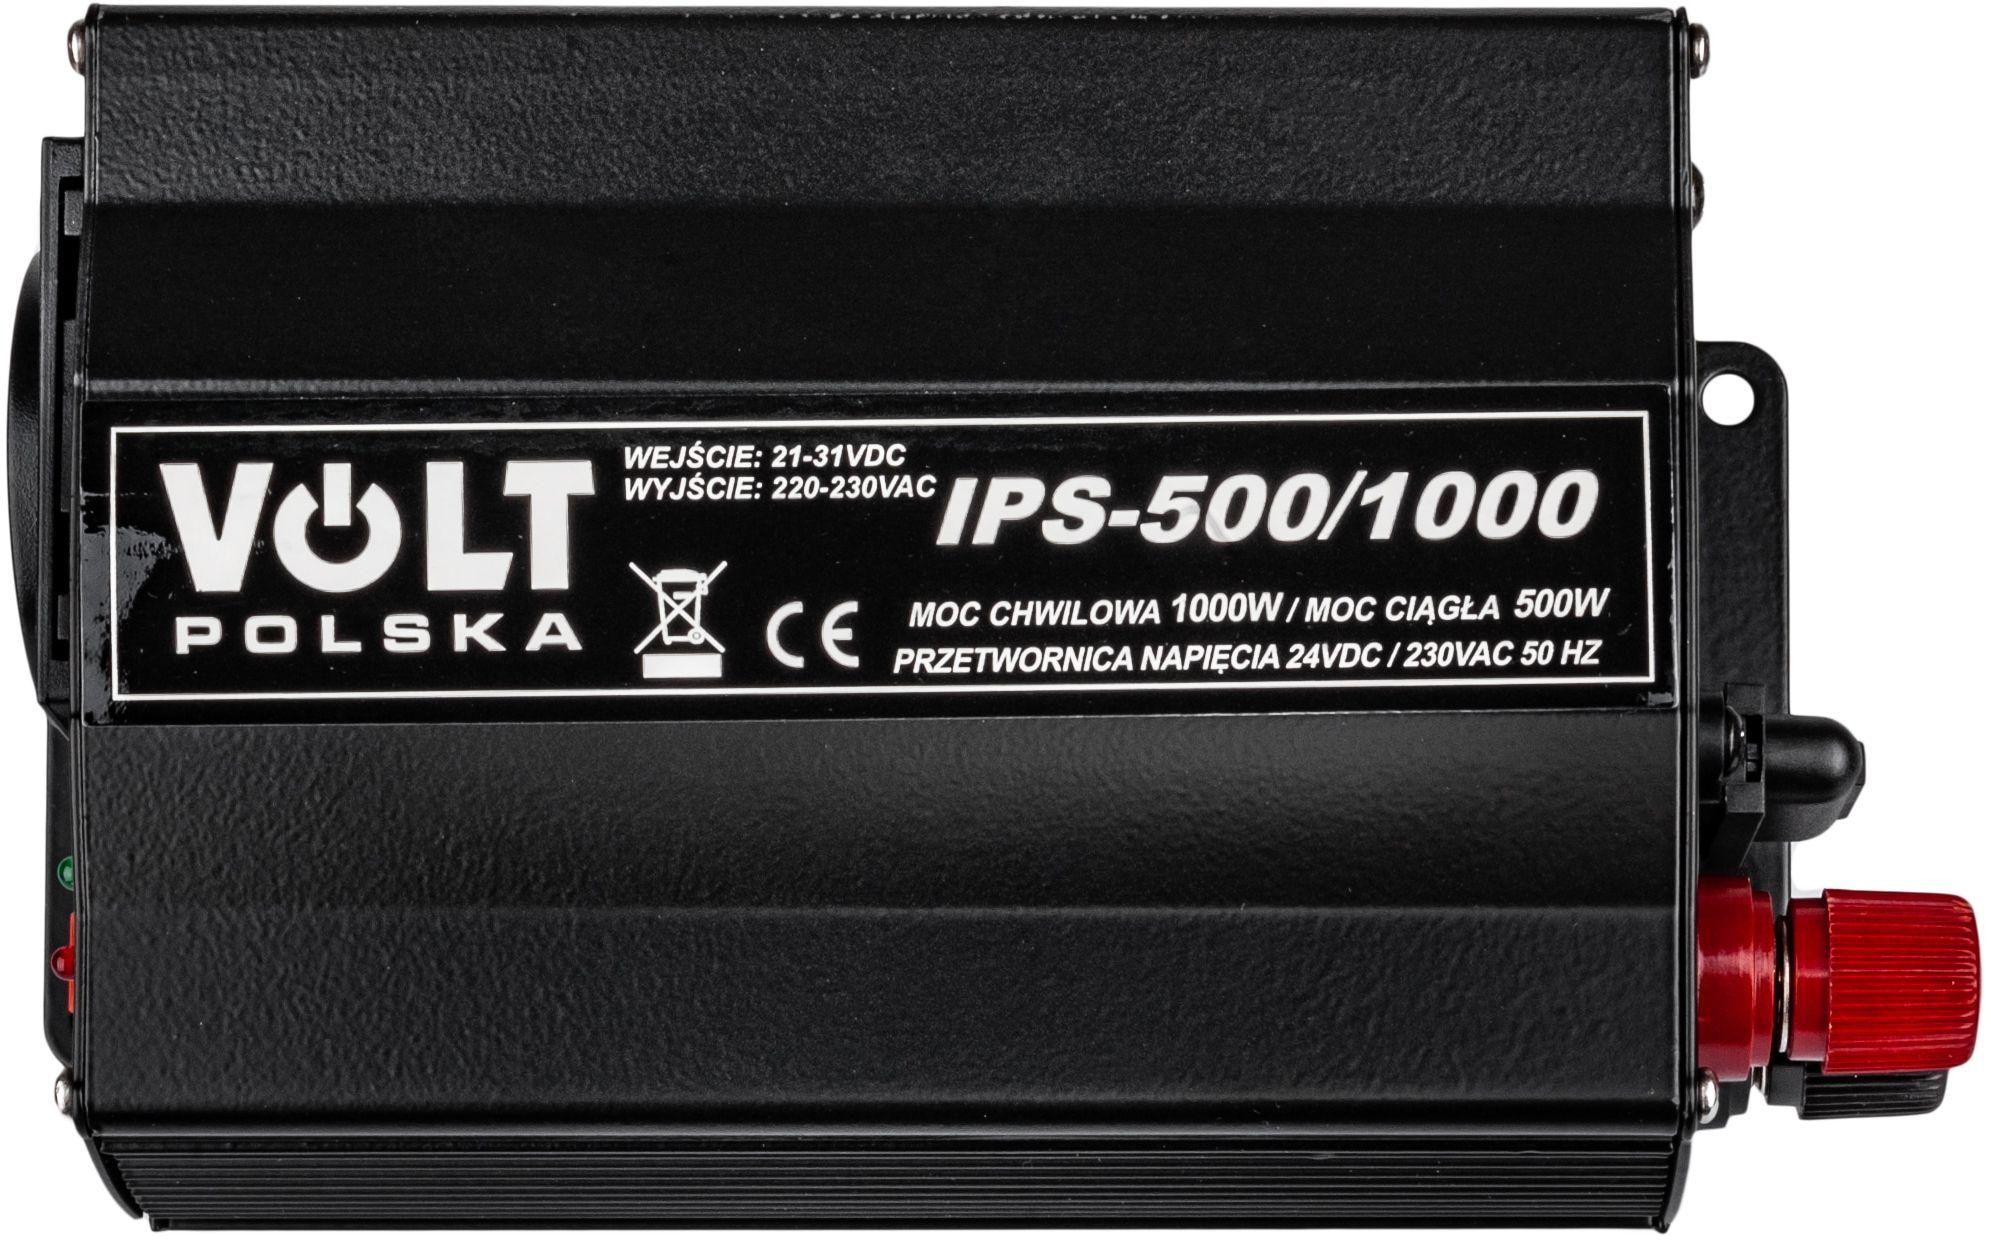 Przetwornica napięcia prądu IPS-500/1000 (24V/230V/1000W) VOLT POLSKA